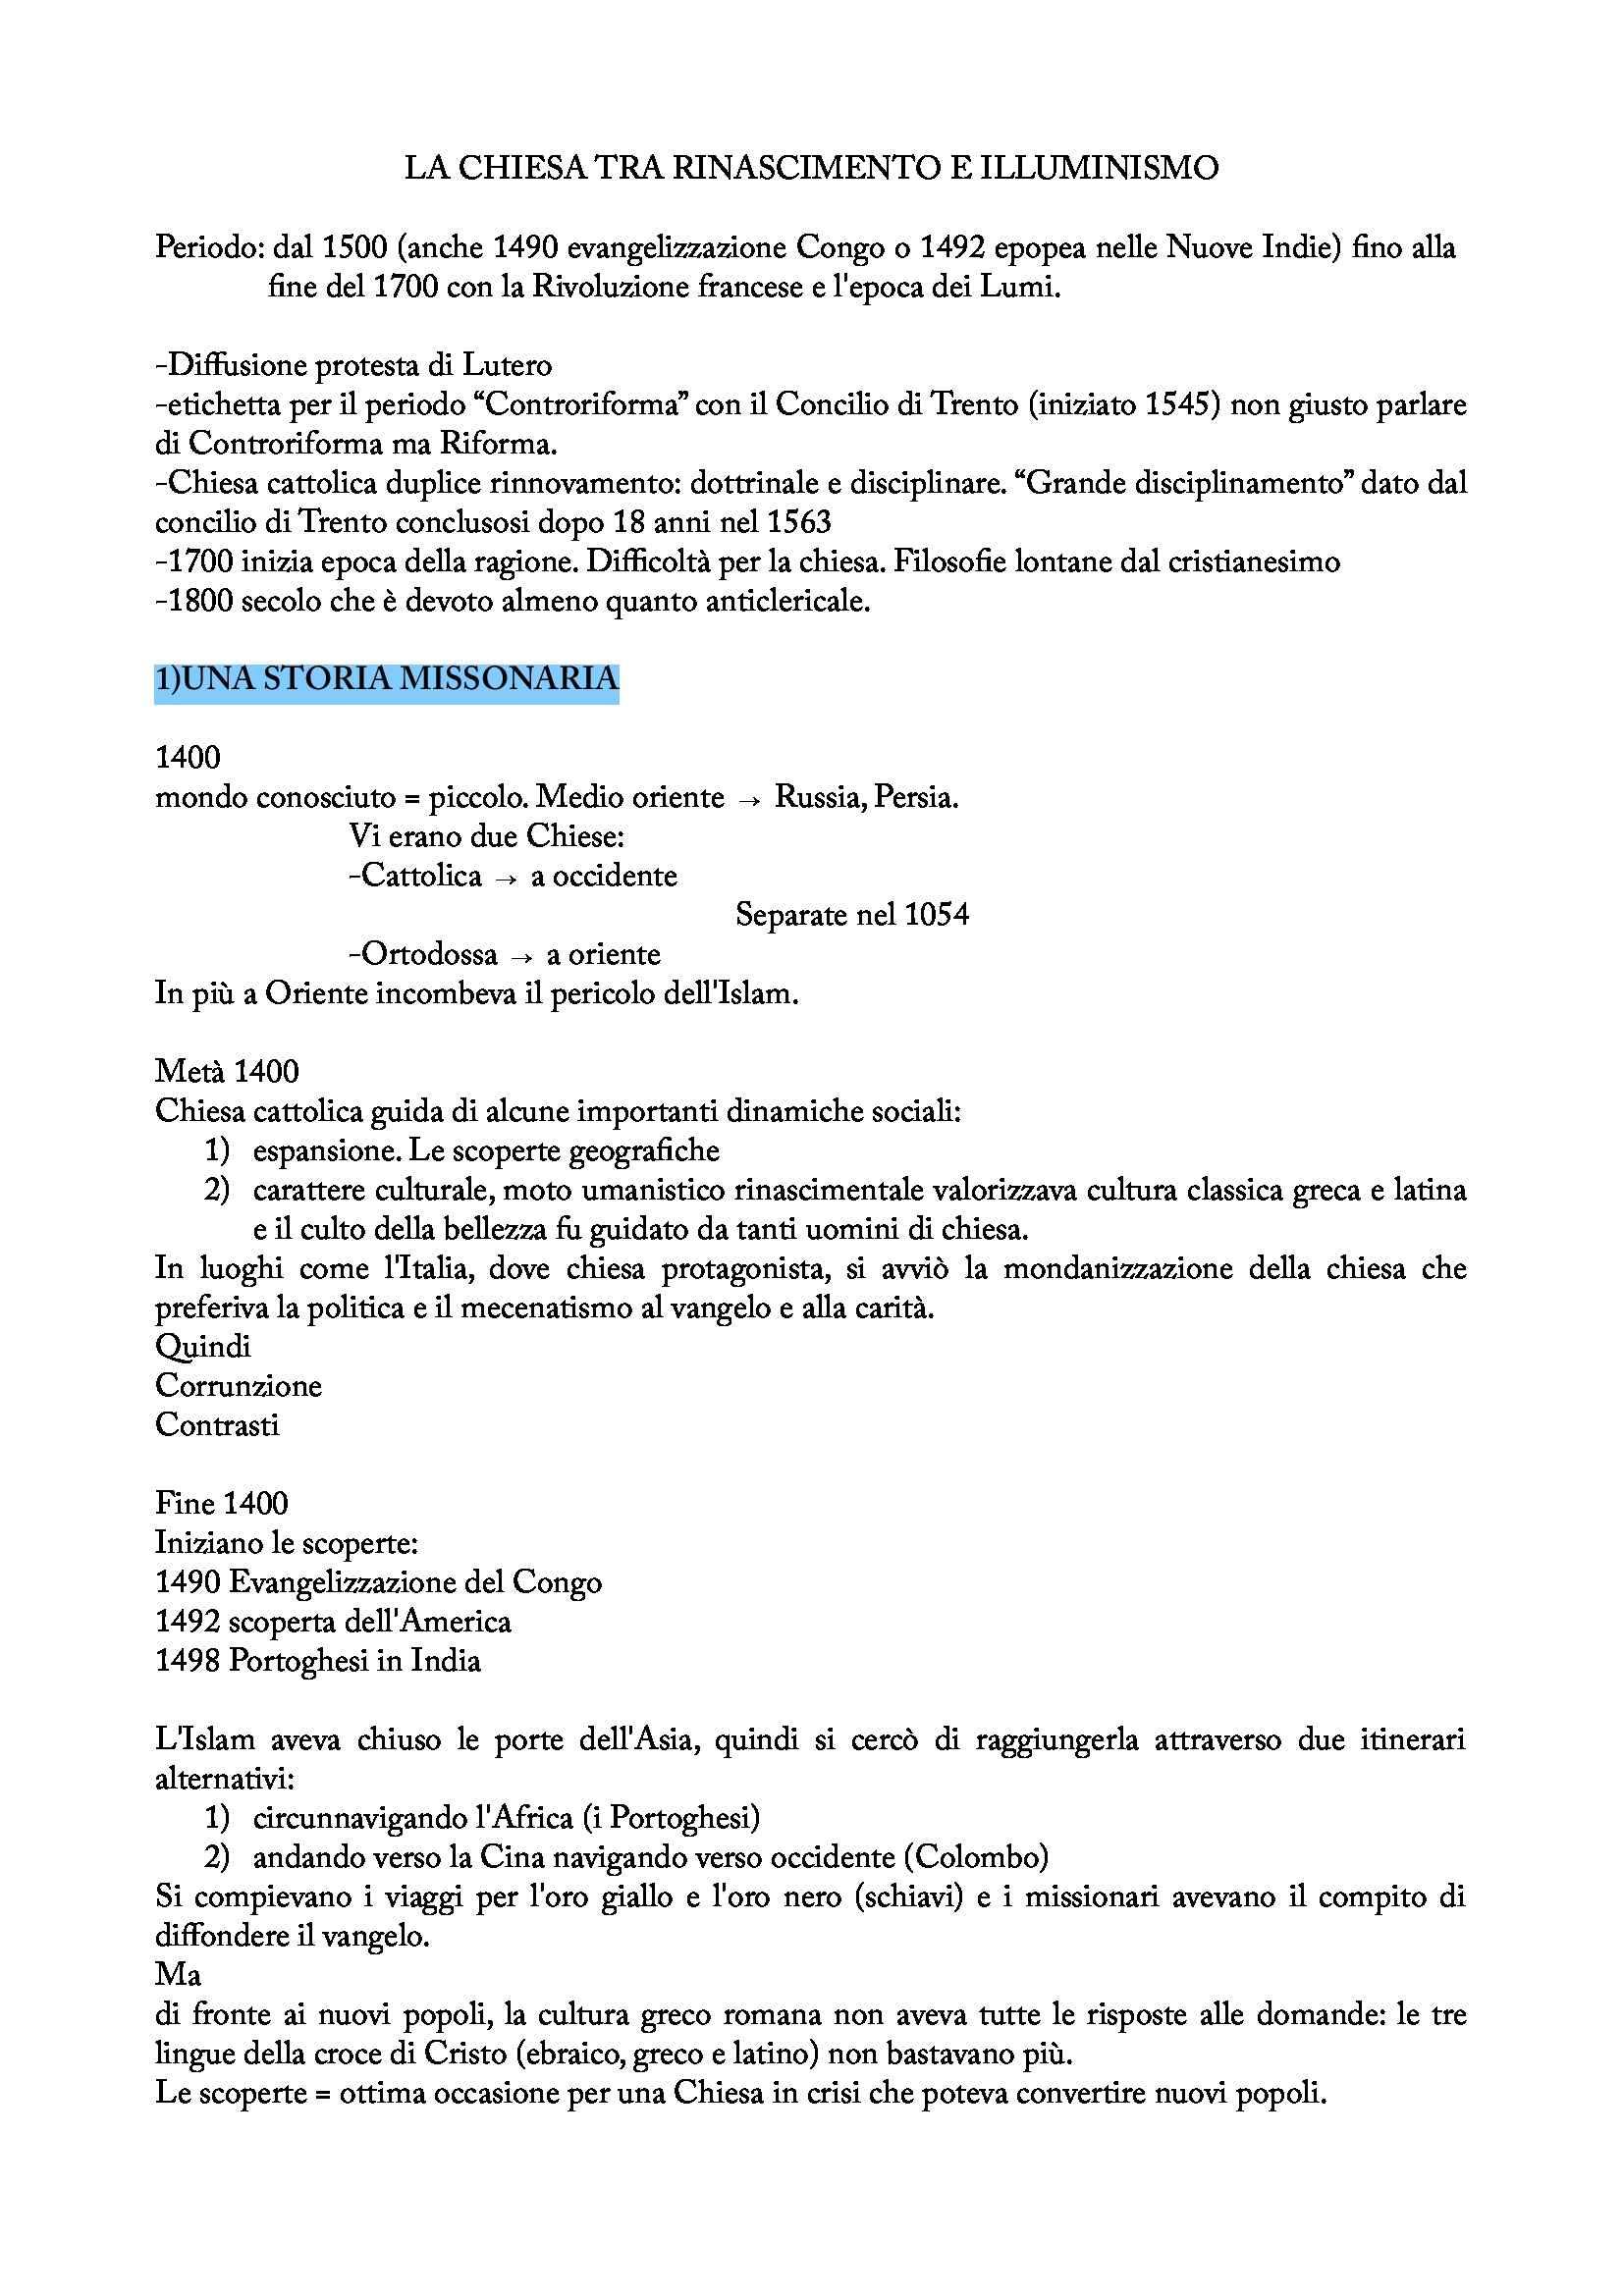 Riassunto esame Storia della Chiesa: Chiesa tra Rinascimento e Illuminisimo, prof. Vismara